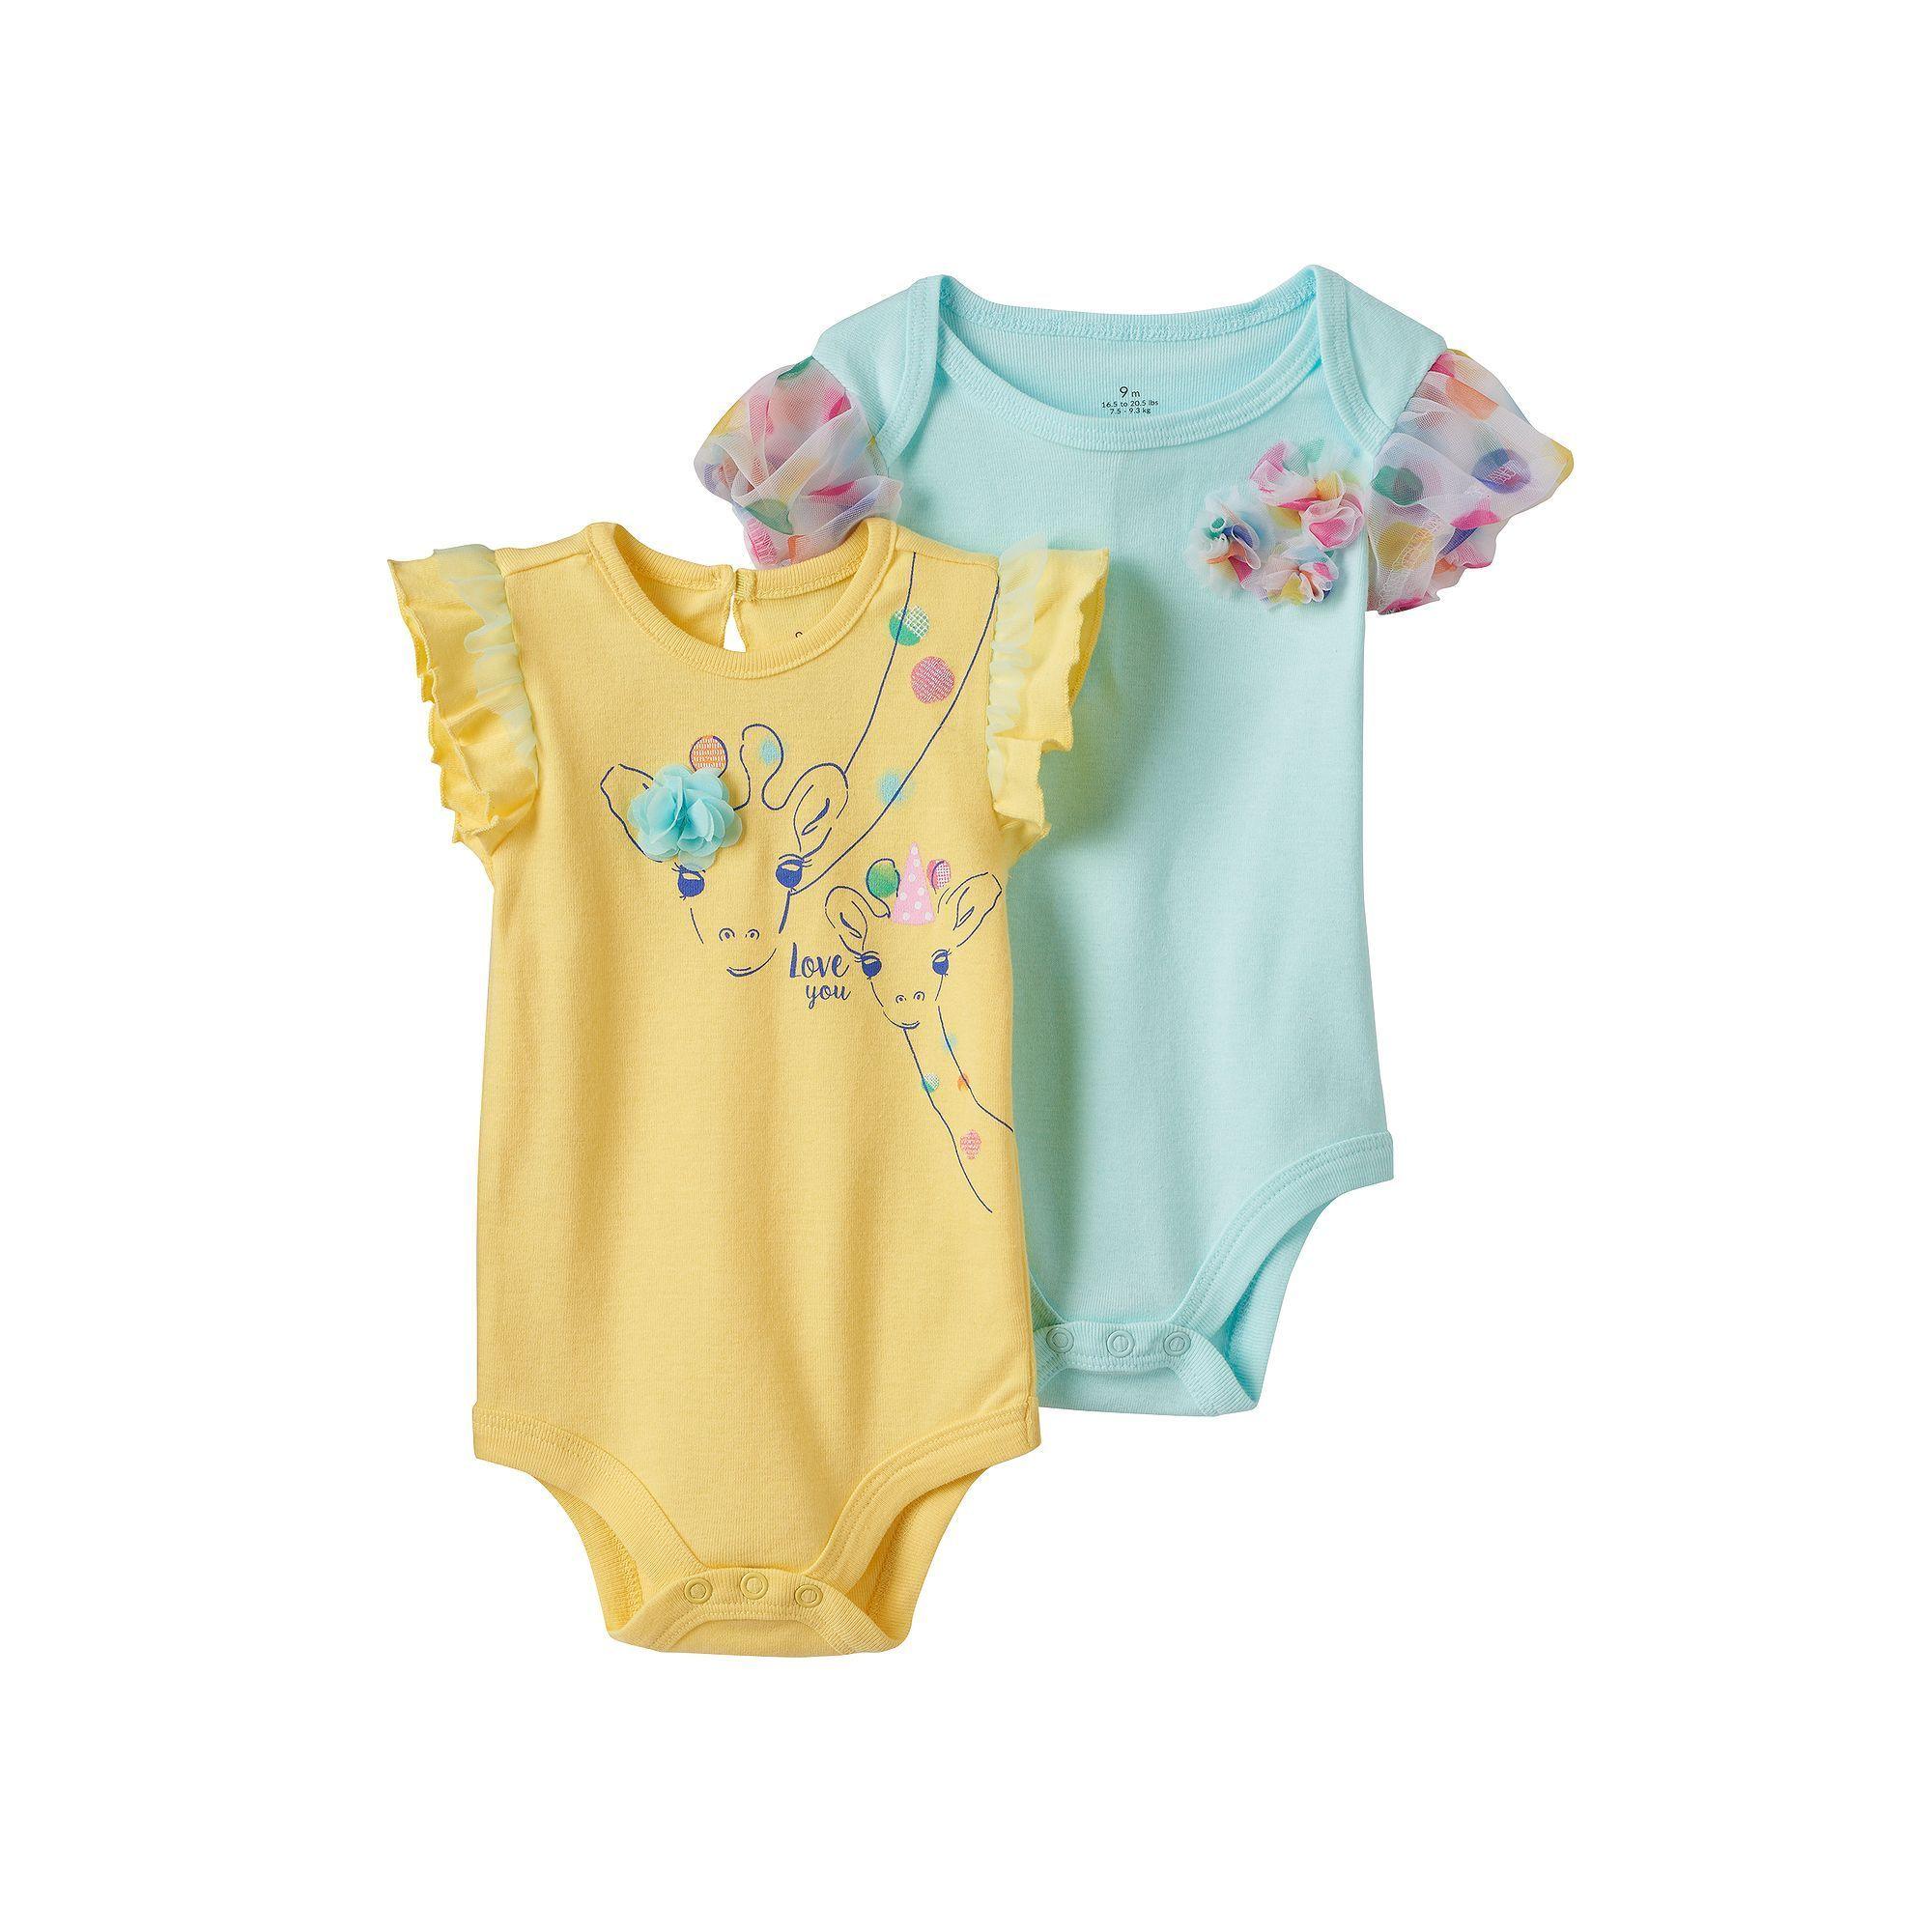 Baby Girl Baby Starters 2 pk Giraffe Graphic & Polka Dot Tulle